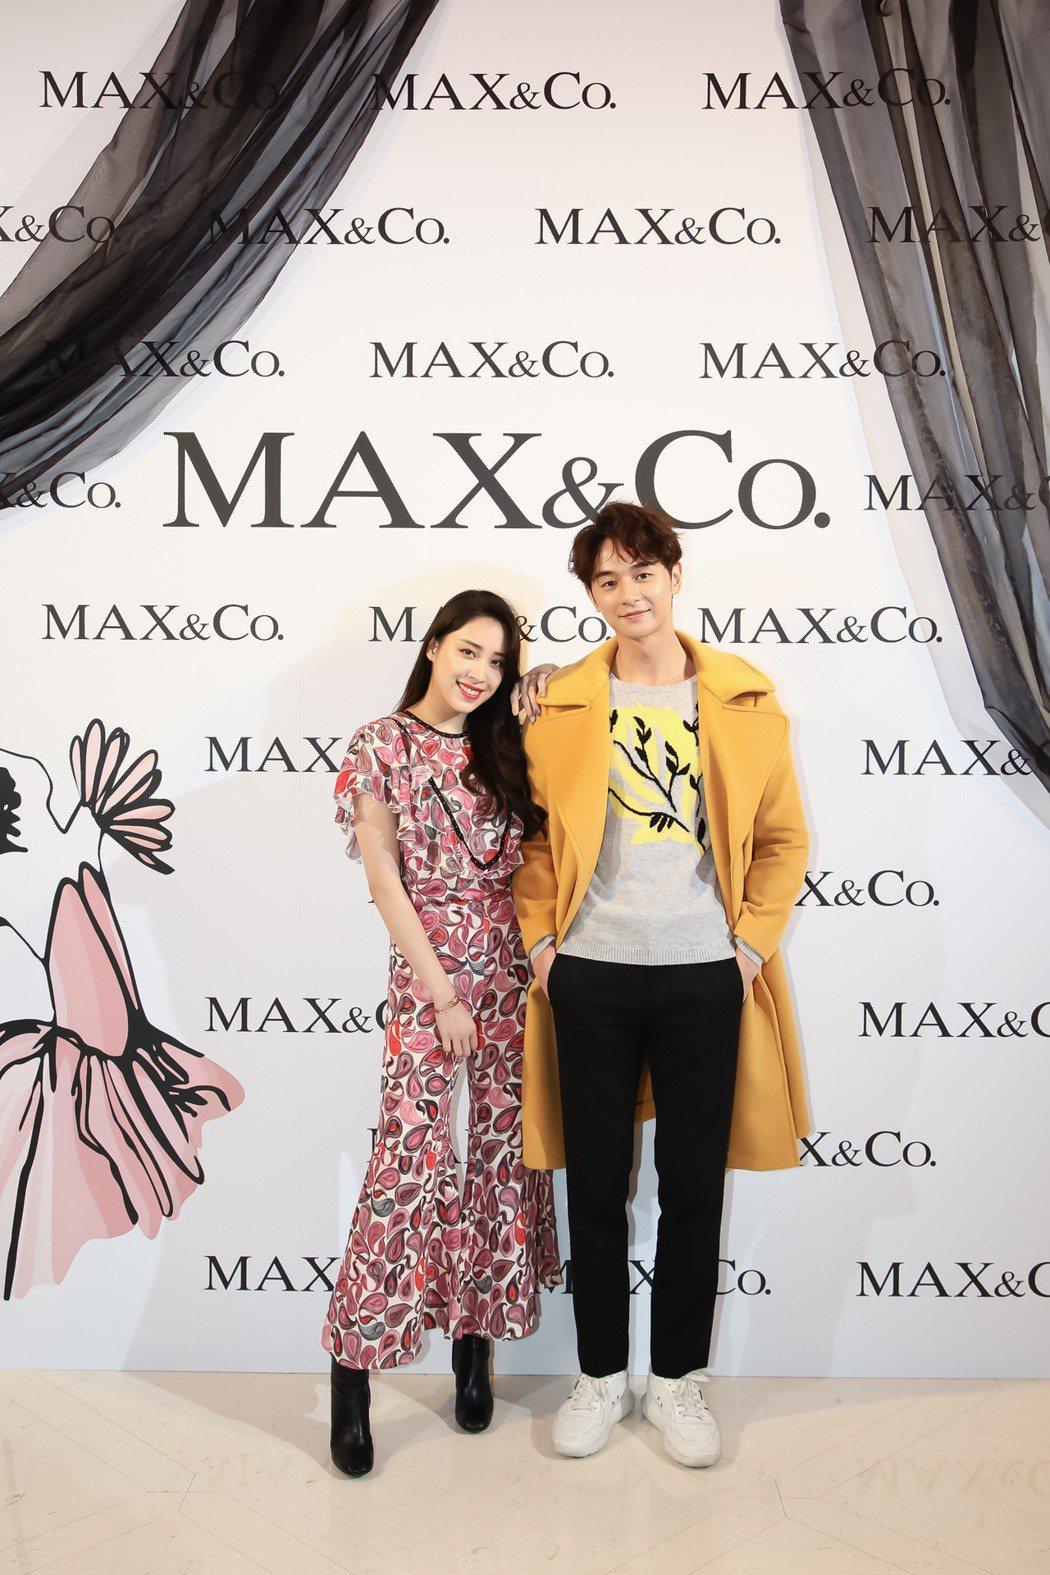 張軒睿、歐陽妮妮擔任走秀嘉賓。圖/MAX&Co. 提供